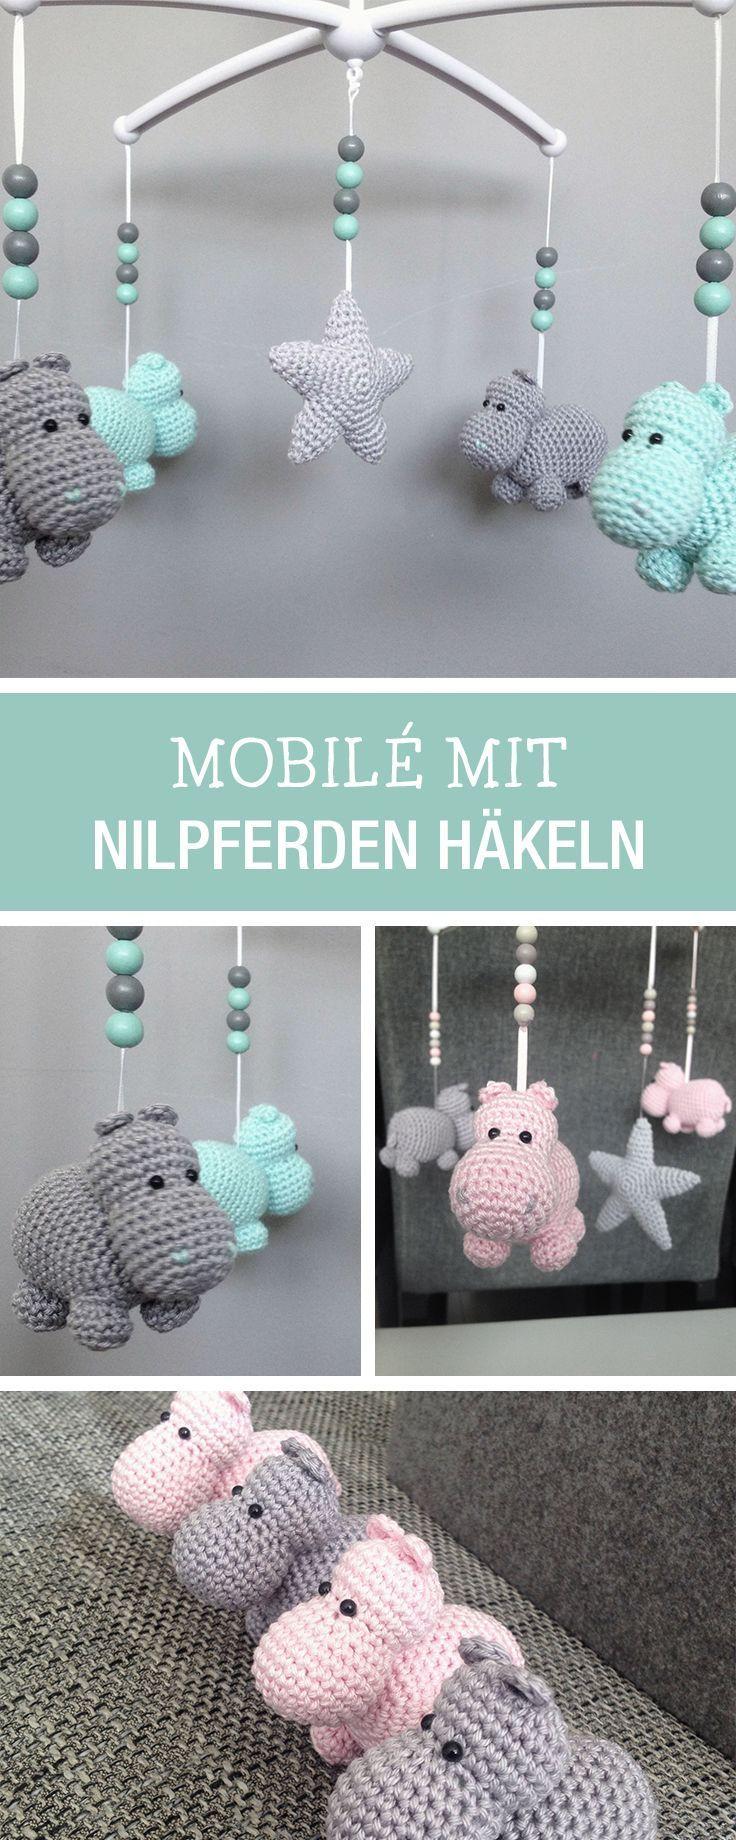 Diy anleitung f r kinderzimmerdeko fliegende nilpferde als mobile h keln babyzimmer diy - Diy babyzimmer ...